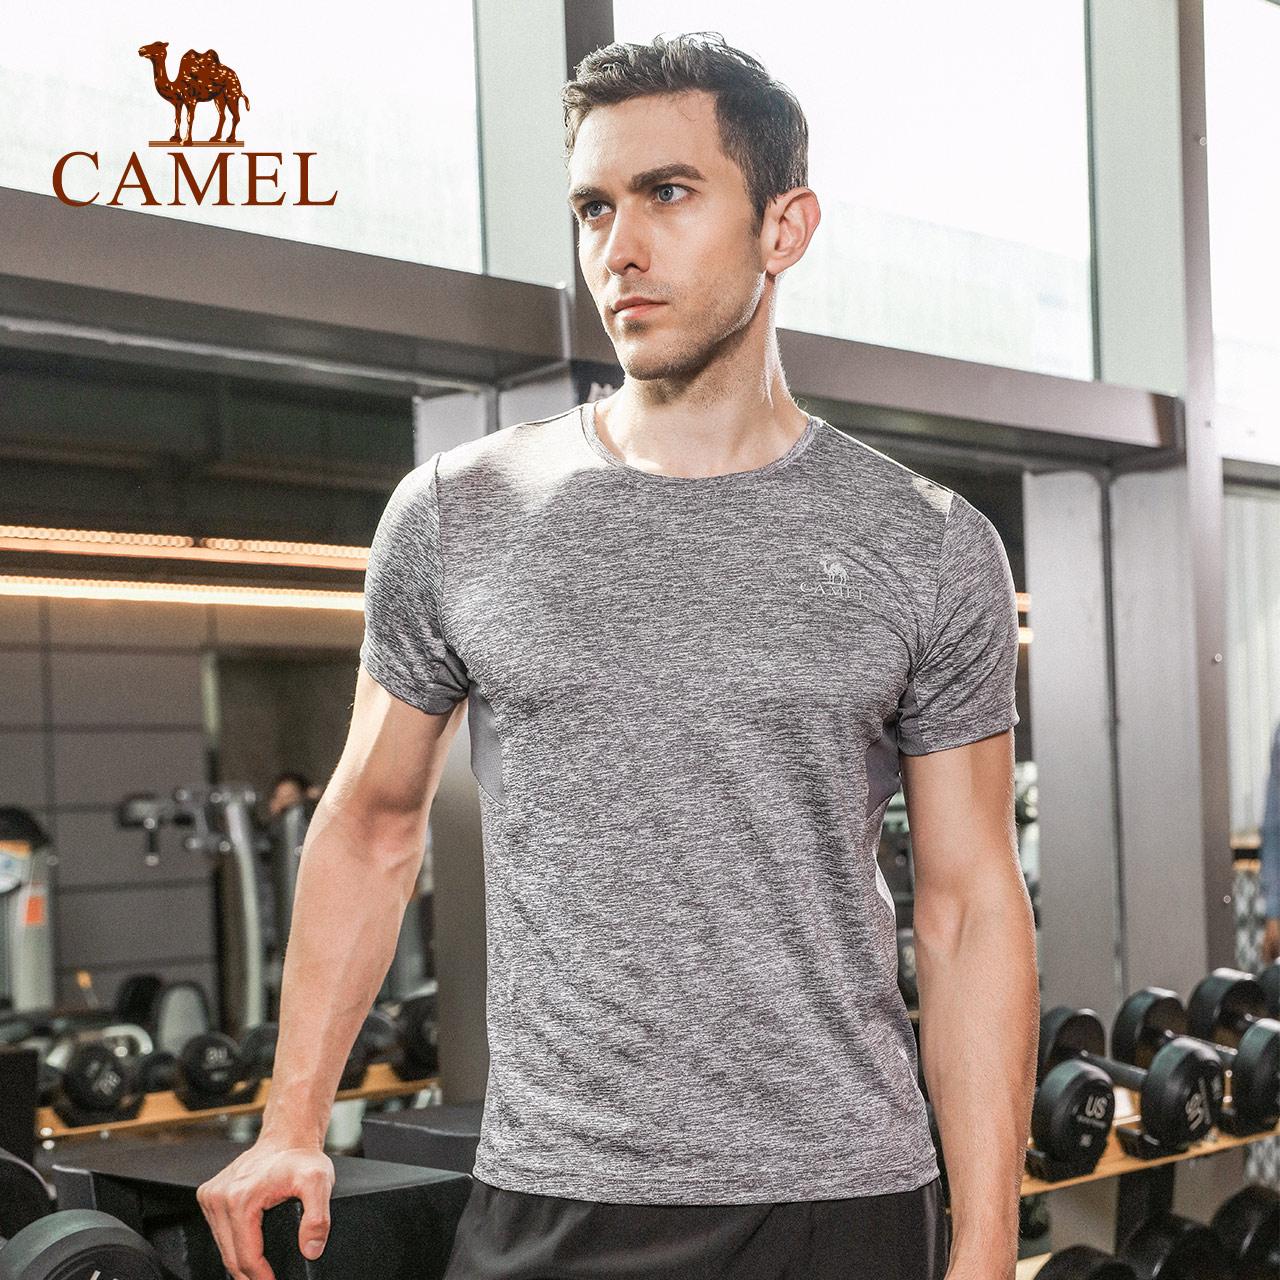 camel/骆驼运动T恤夏男款 跑步吸汗透气速干紧身衣短袖运动上衣